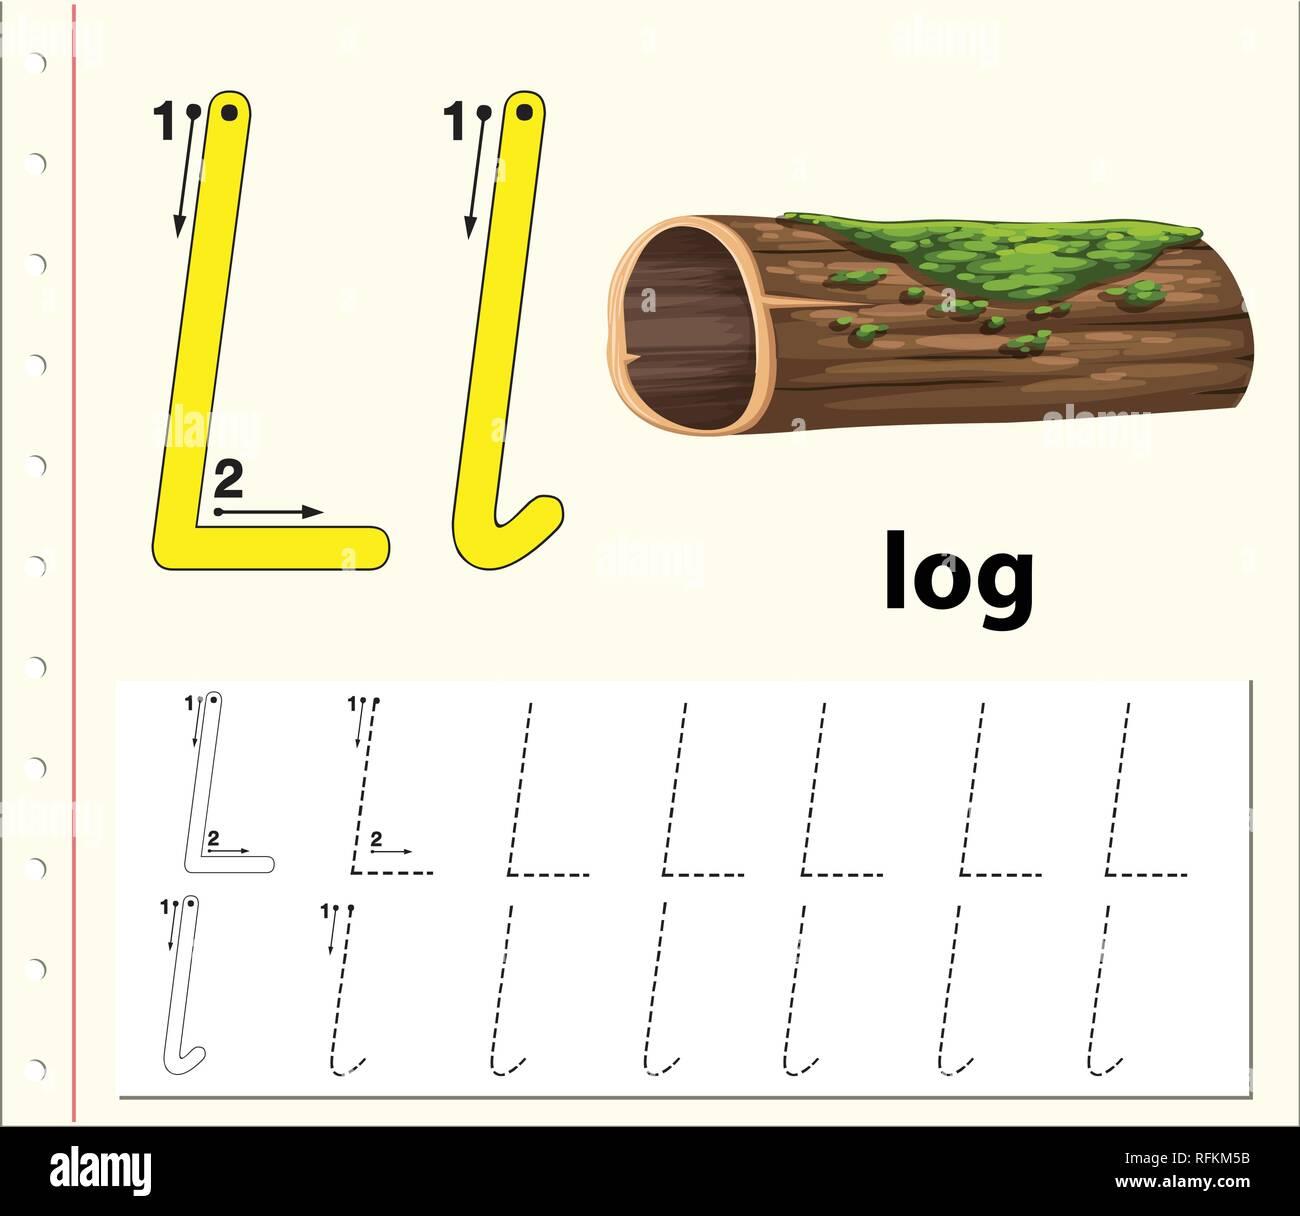 Letter L Tracing Alphabet Worksheets Illustration Stock